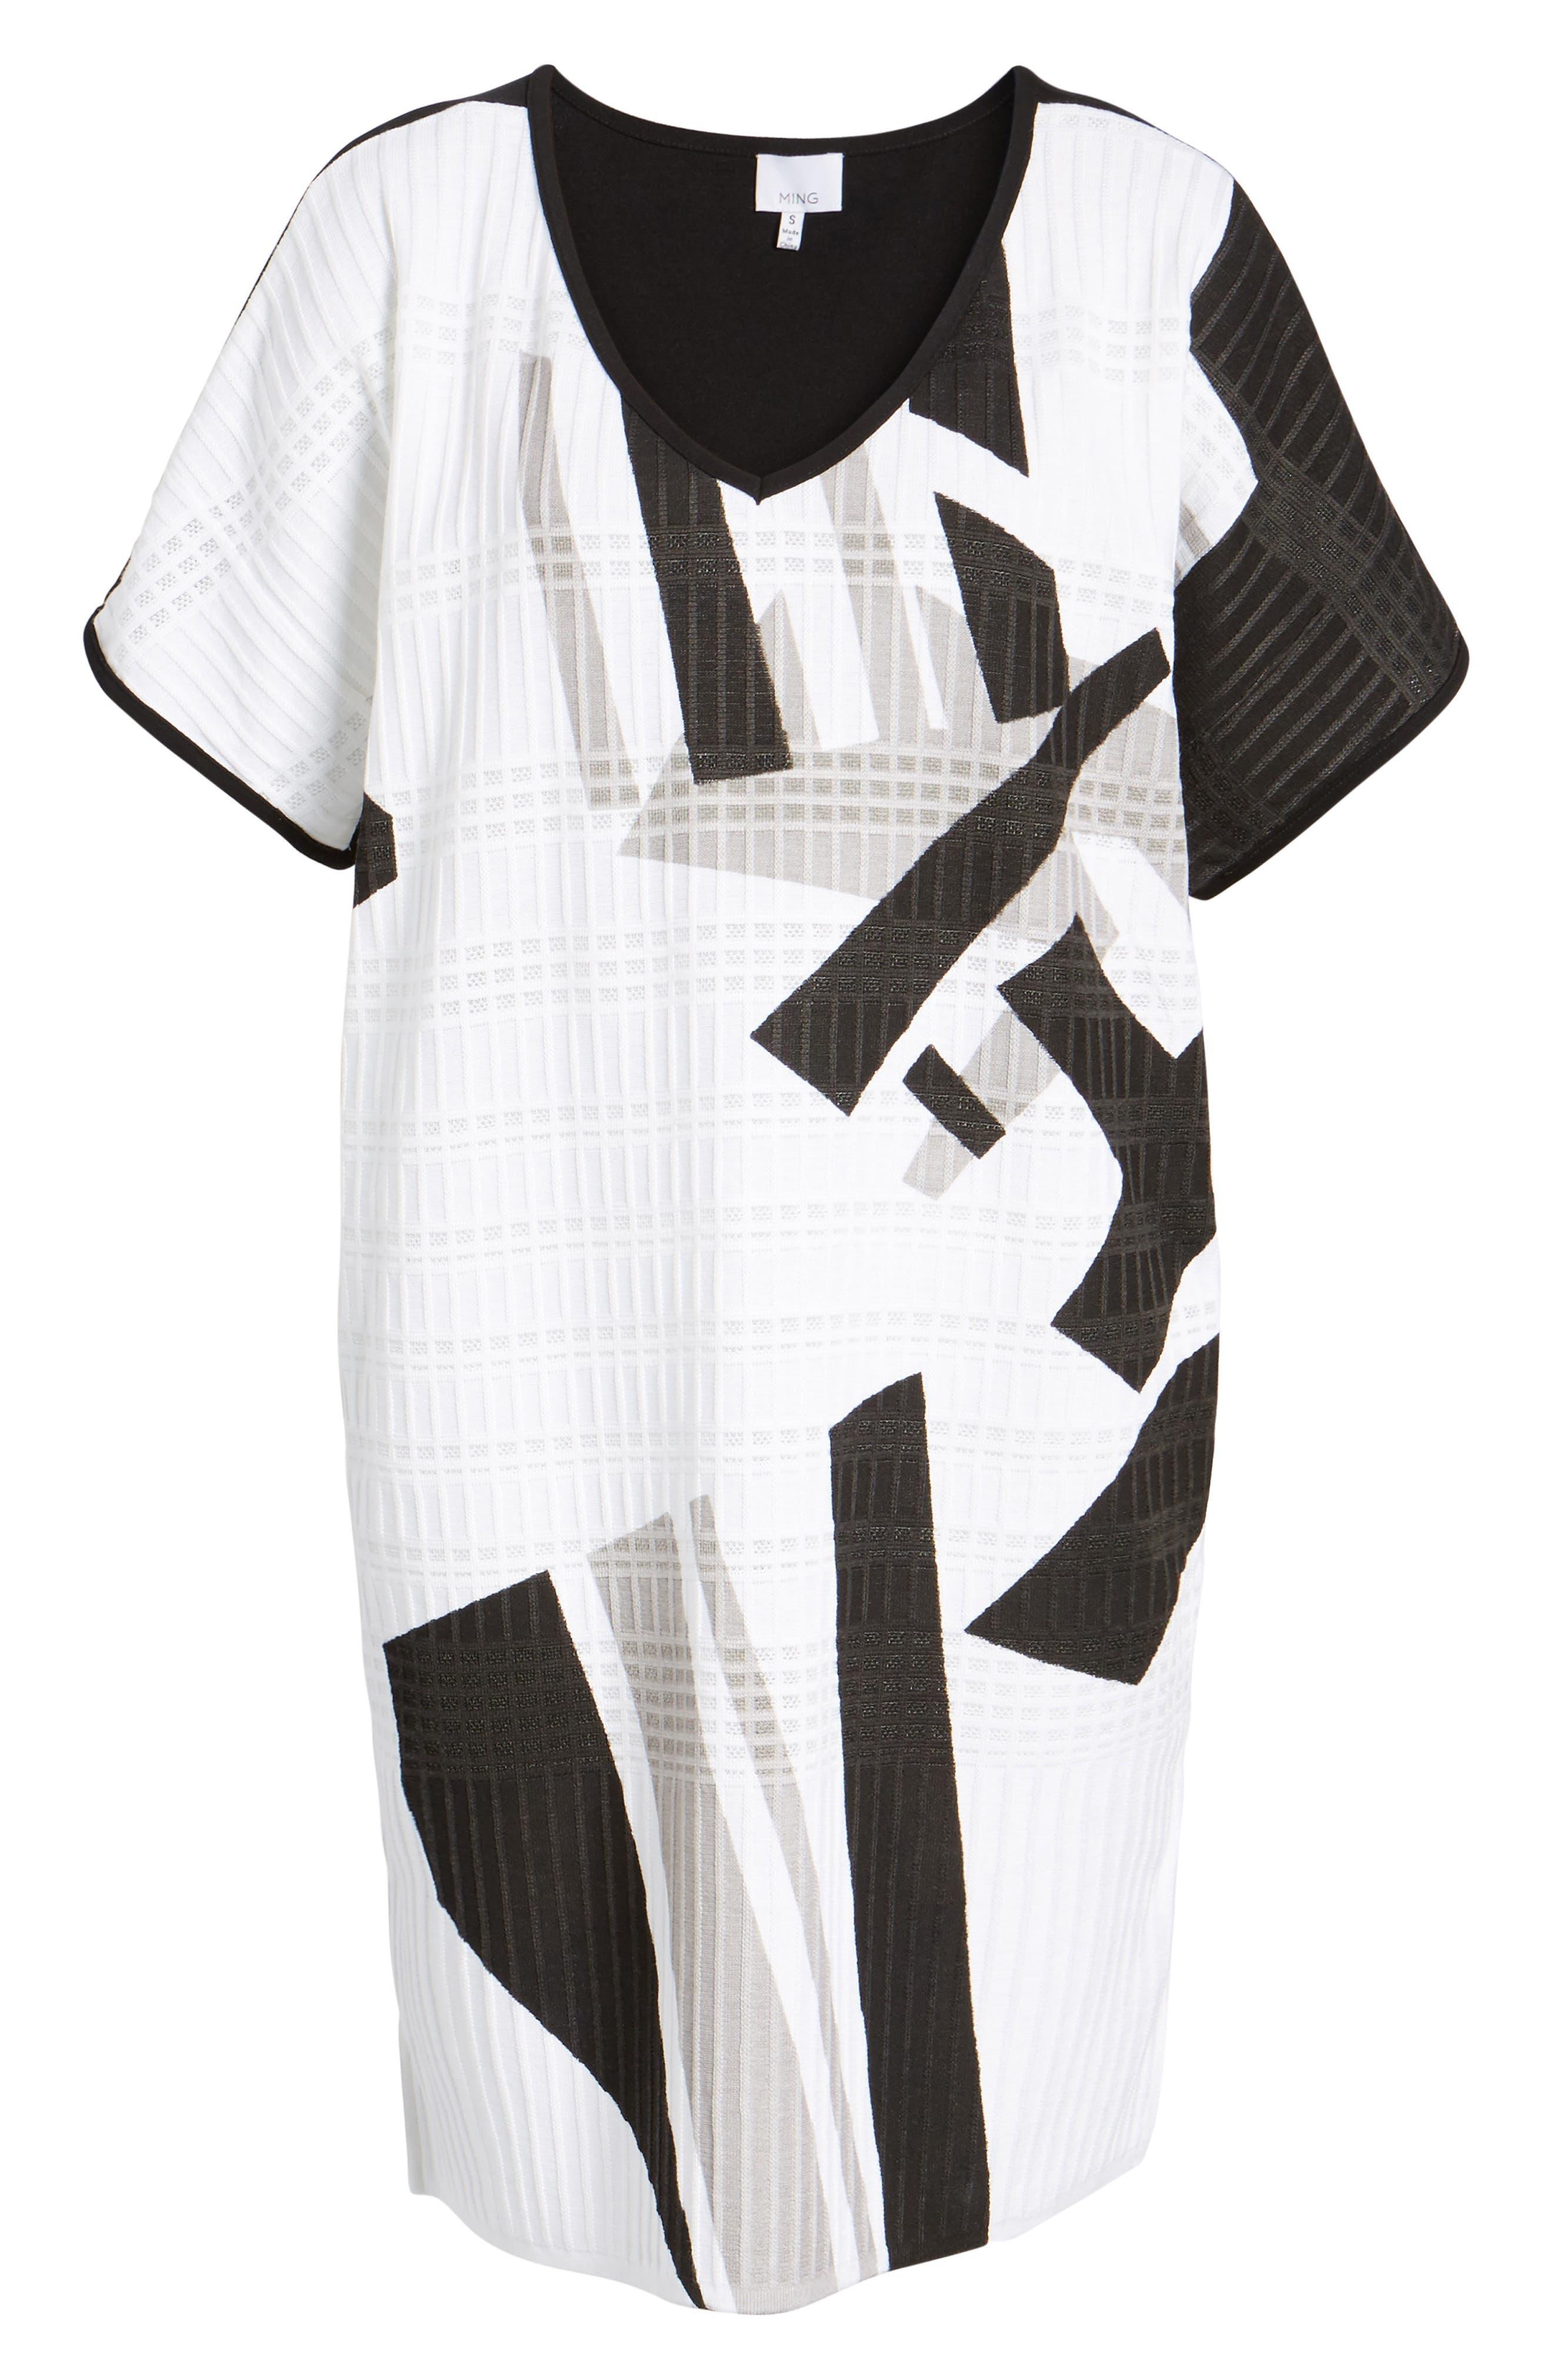 Geometric Jacquard Tunic Dress,                             Alternate thumbnail 6, color,                             White/ Almond Beige/ Black